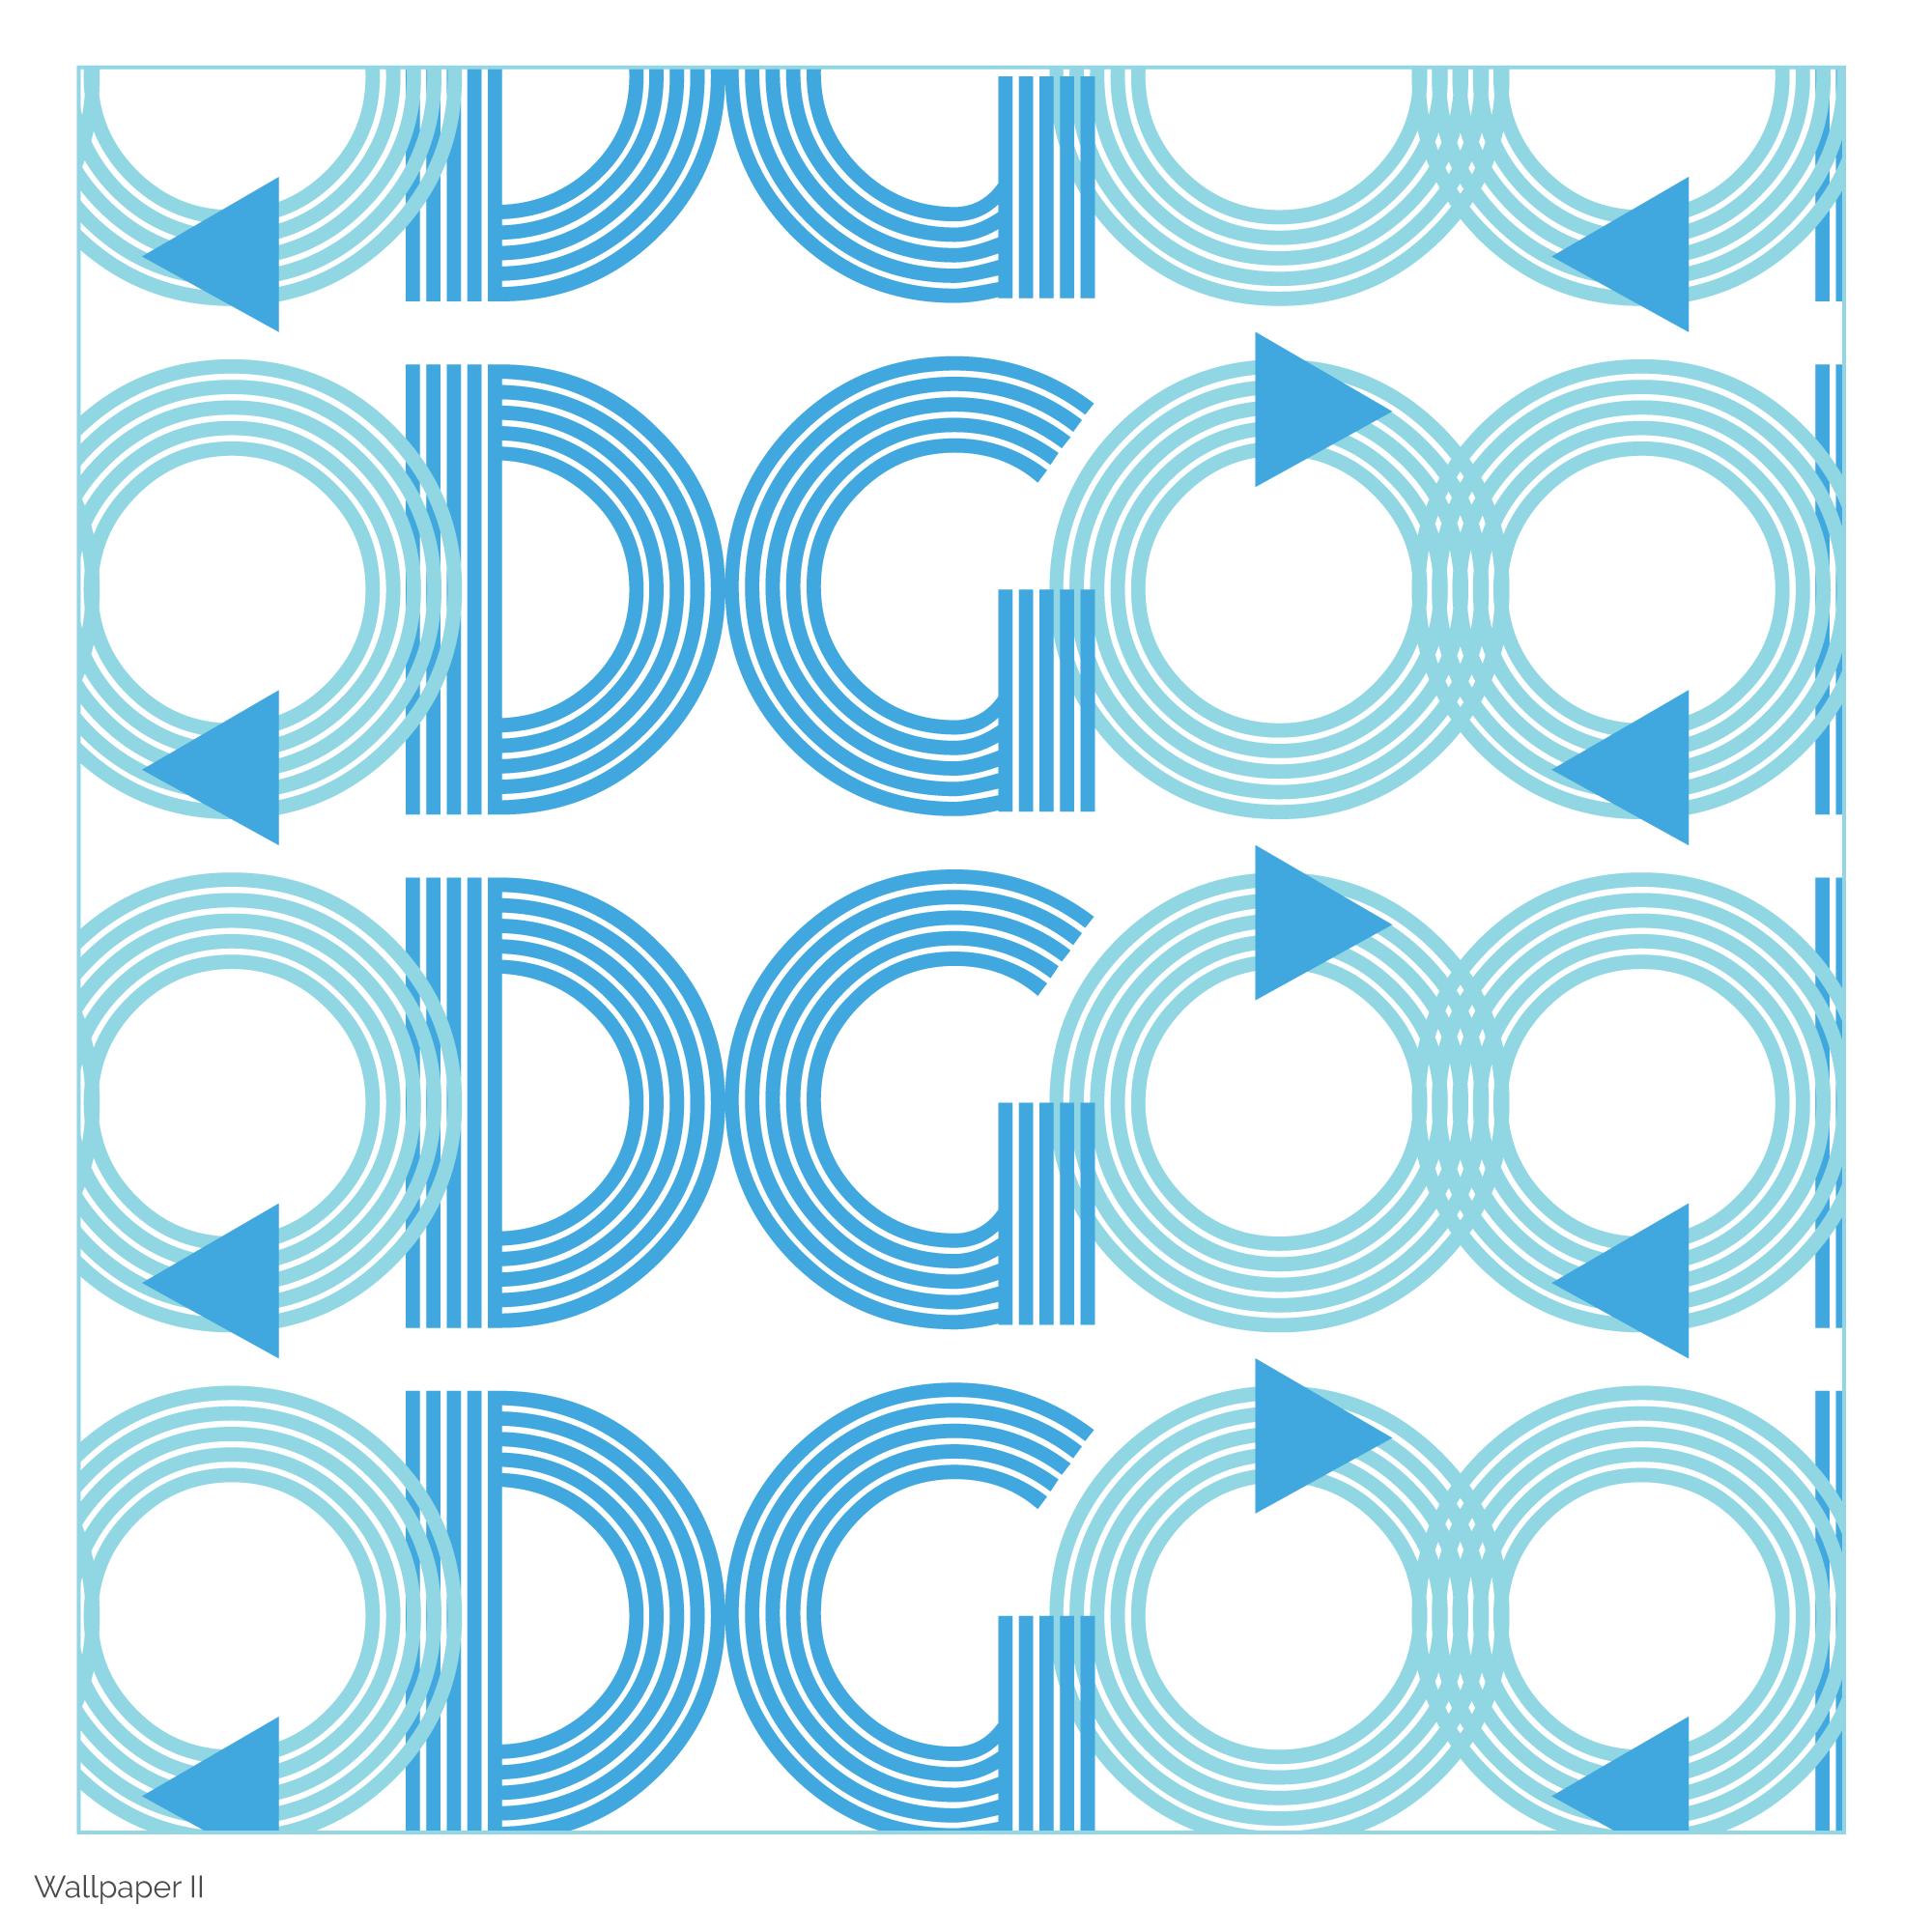 FiR-Creative---Good-Discovery(s)---Wallpaper-II.png